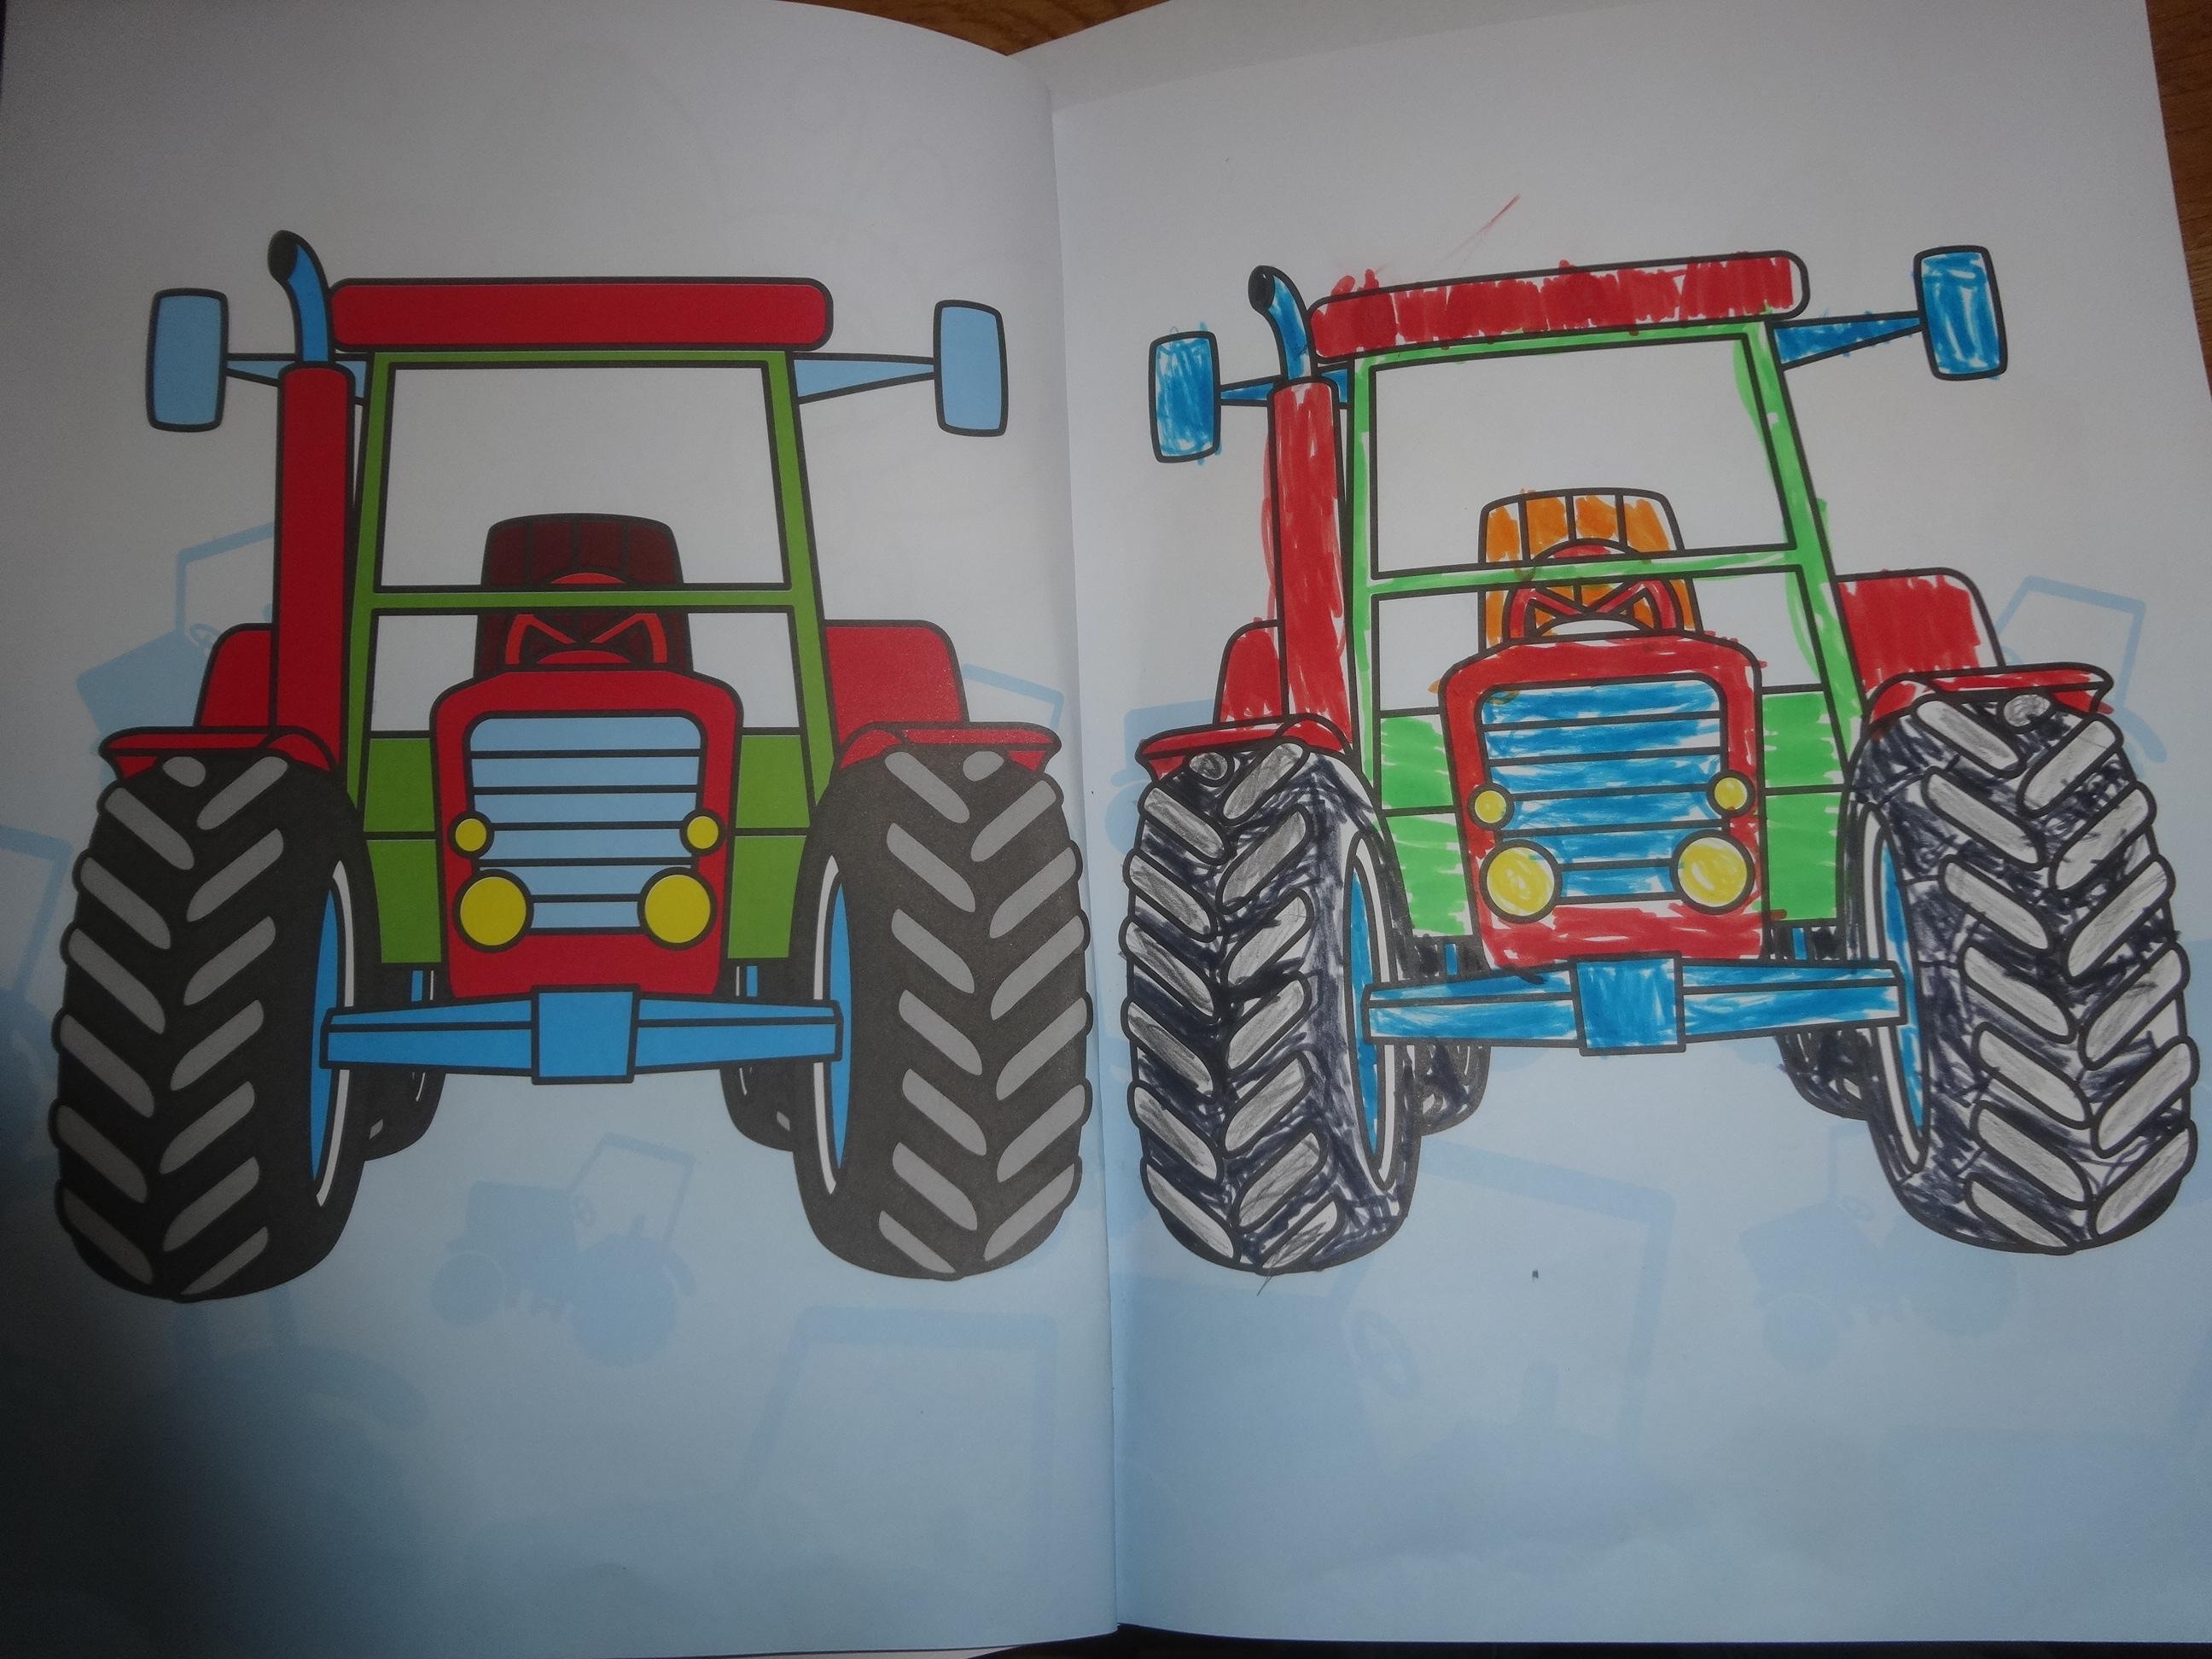 Le livre de coloriage est presque fini verra si le besoin de colorier le tenaille toujours dans quelques jours